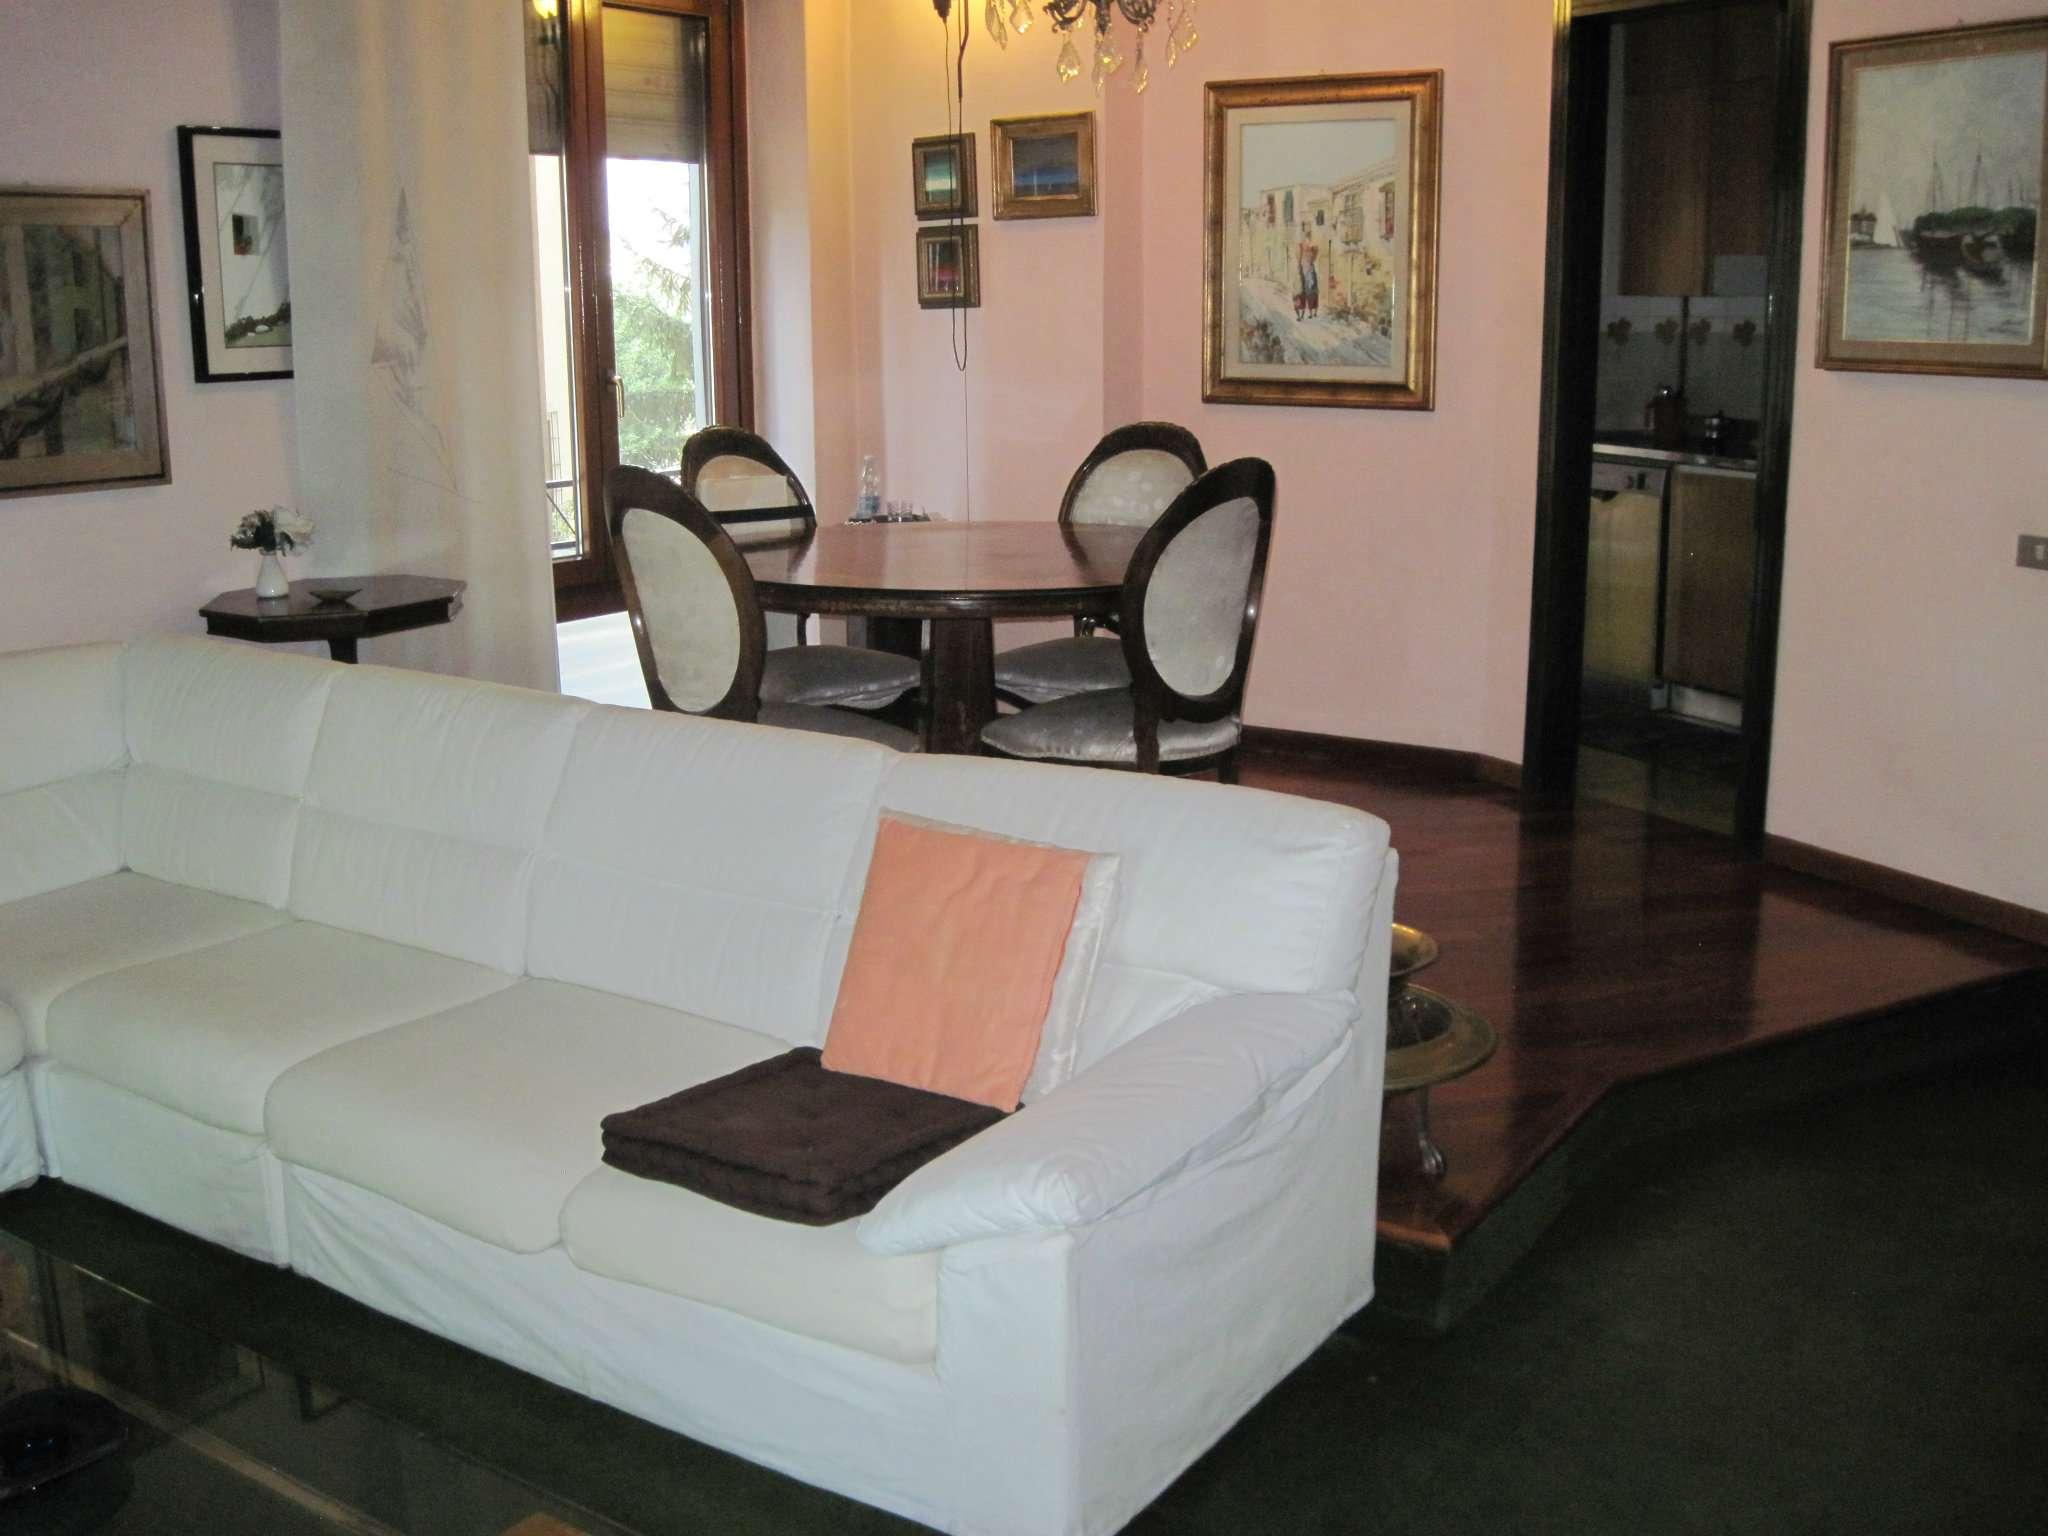 Appartamento in vendita a Cinisello Balsamo, 4 locali, prezzo € 160.000 | CambioCasa.it